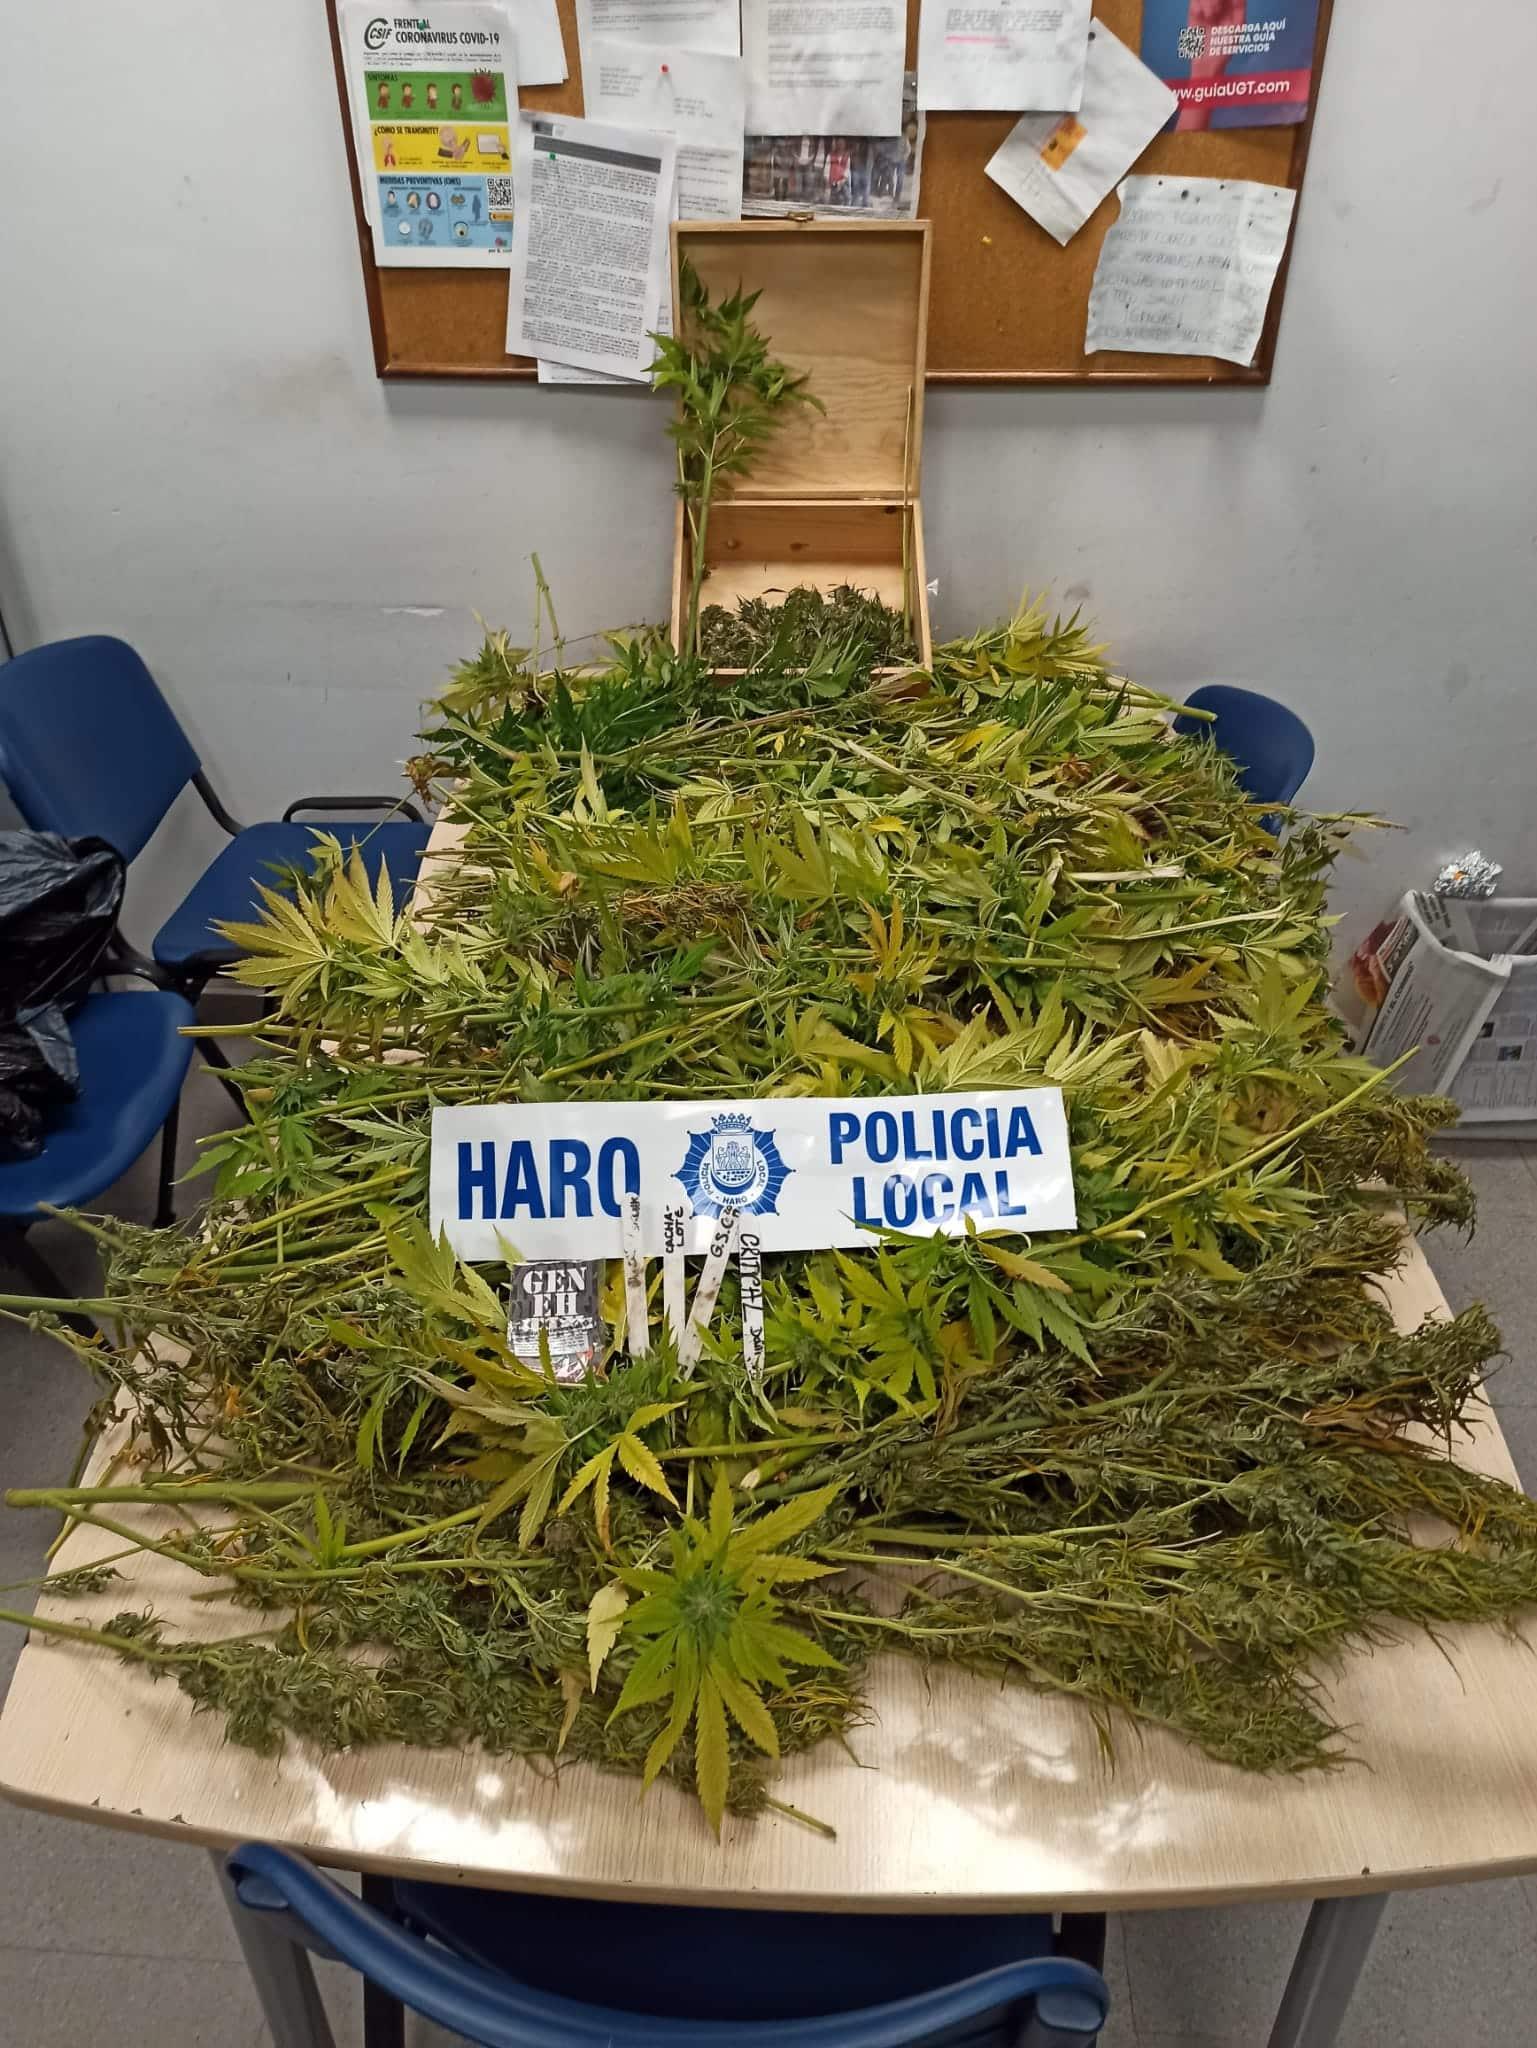 La Policía Local de Haro incauta un centenar de plantas de marihuana en Fuente del Moro 1